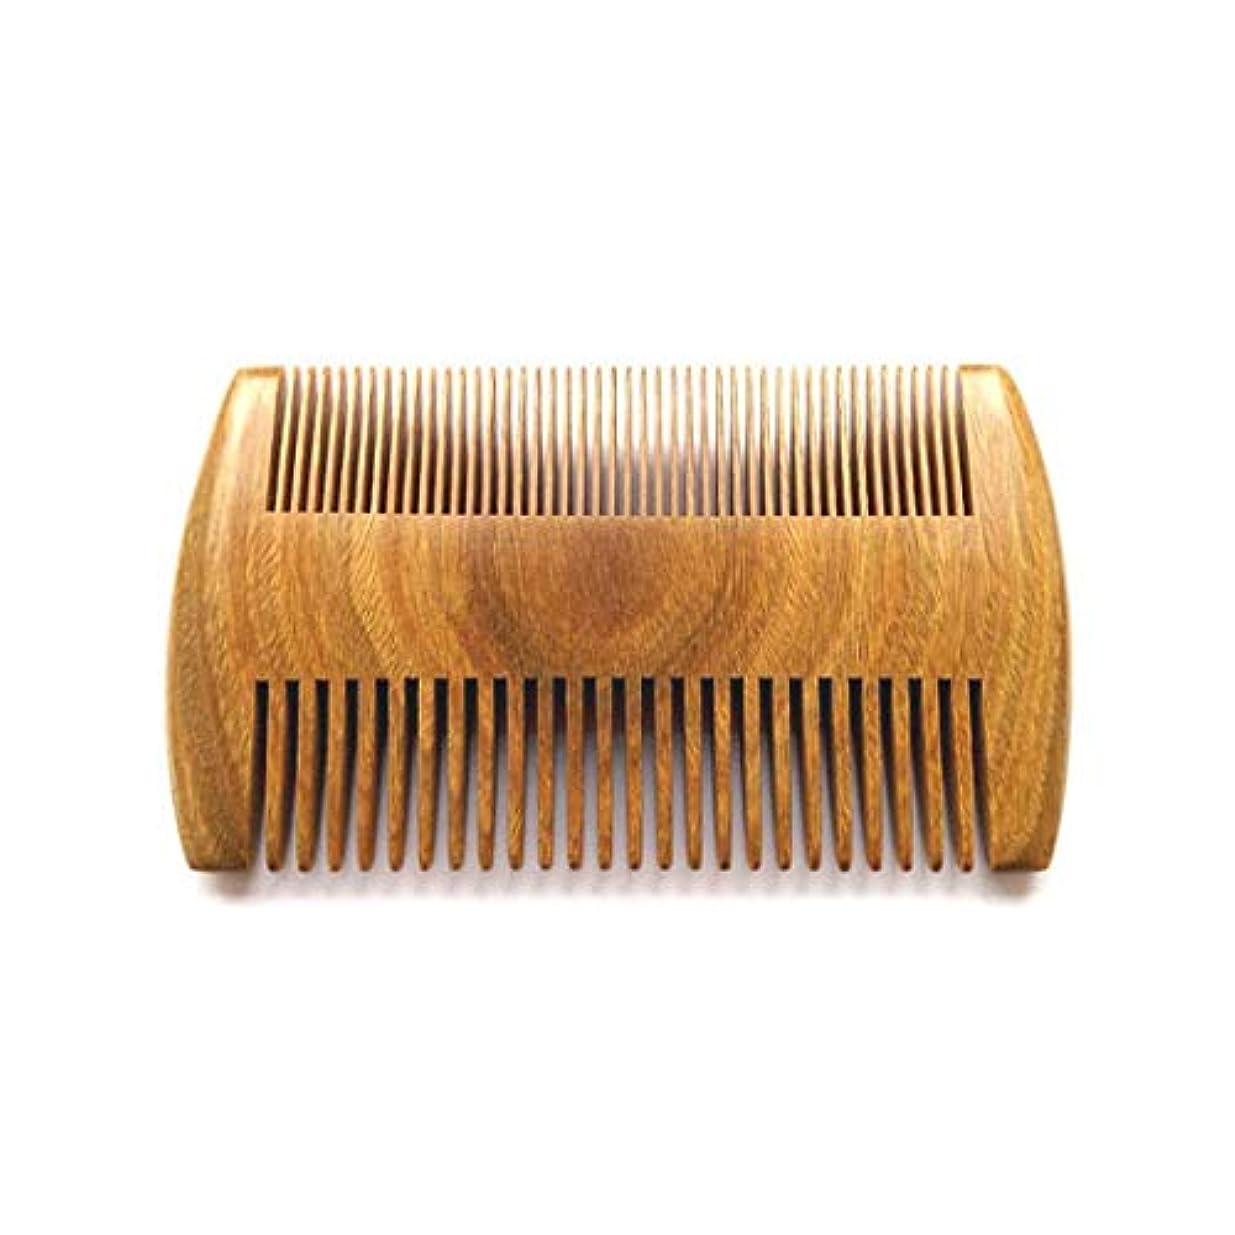 最大の交じるシャイニングWASAIO 手作りのナチュラルサンダルウッド櫛髪の健康なファイン歯とワイドDetangleコムズメンズ?レディース?ブラシセットパドル (色 : Wood color)